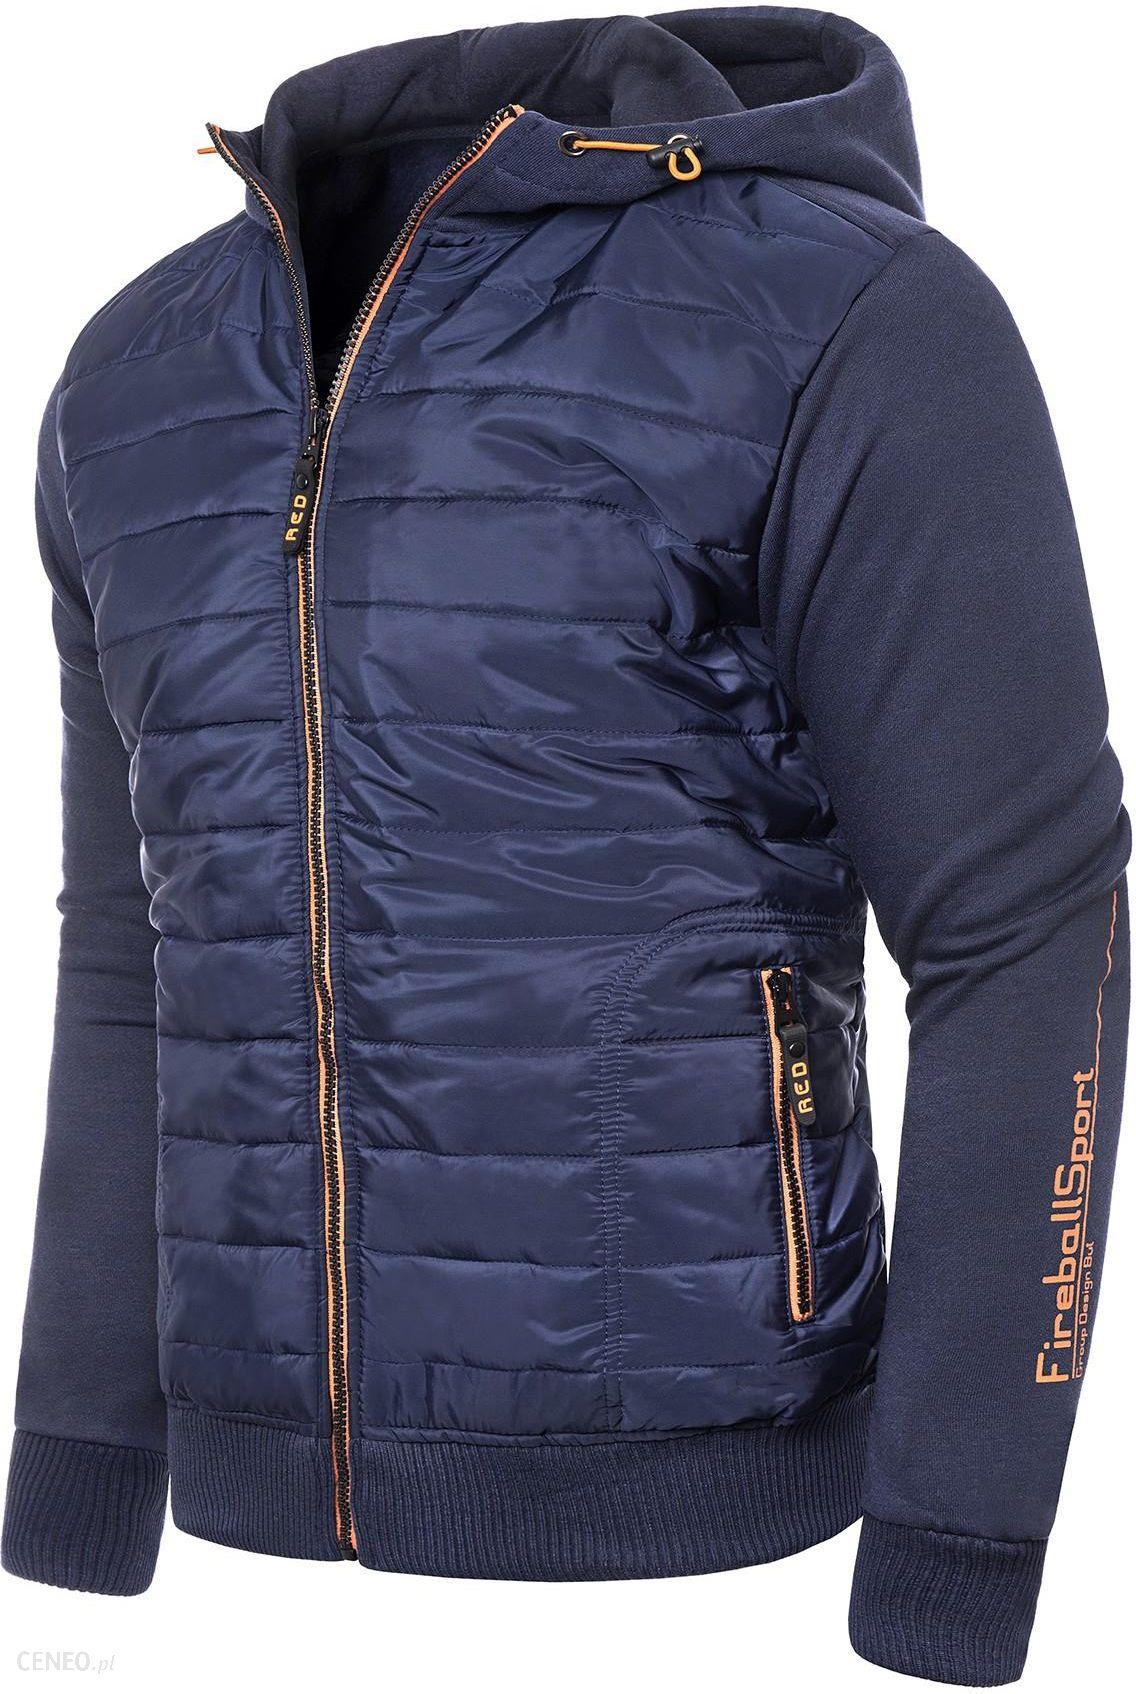 4470da9cd Męska ocieplana bluza/kurtka HL8649 - stalowa Risardi - Ceny i ...